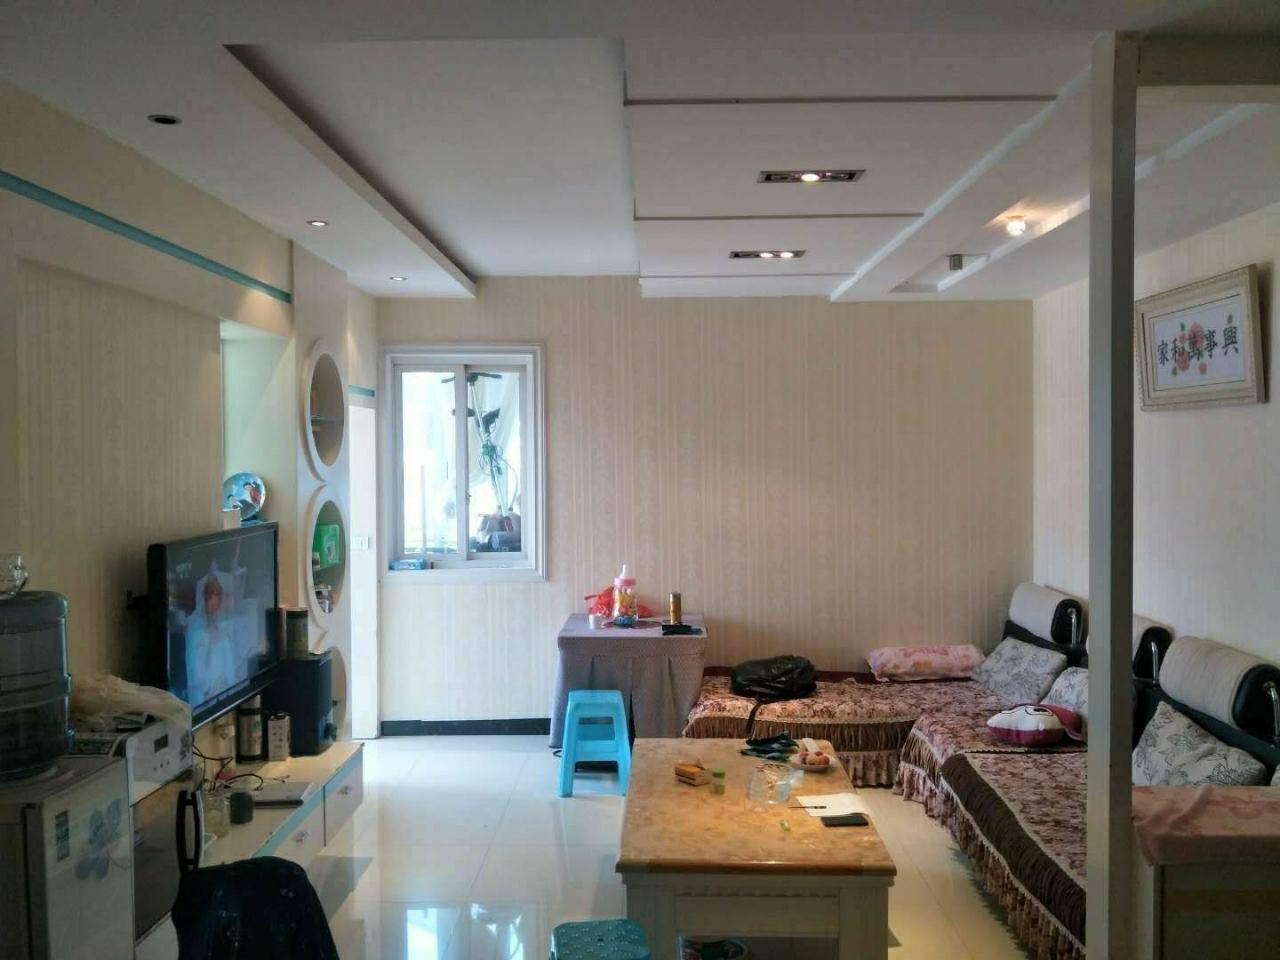 瑞安小区3室 2厅 1卫53.8万元